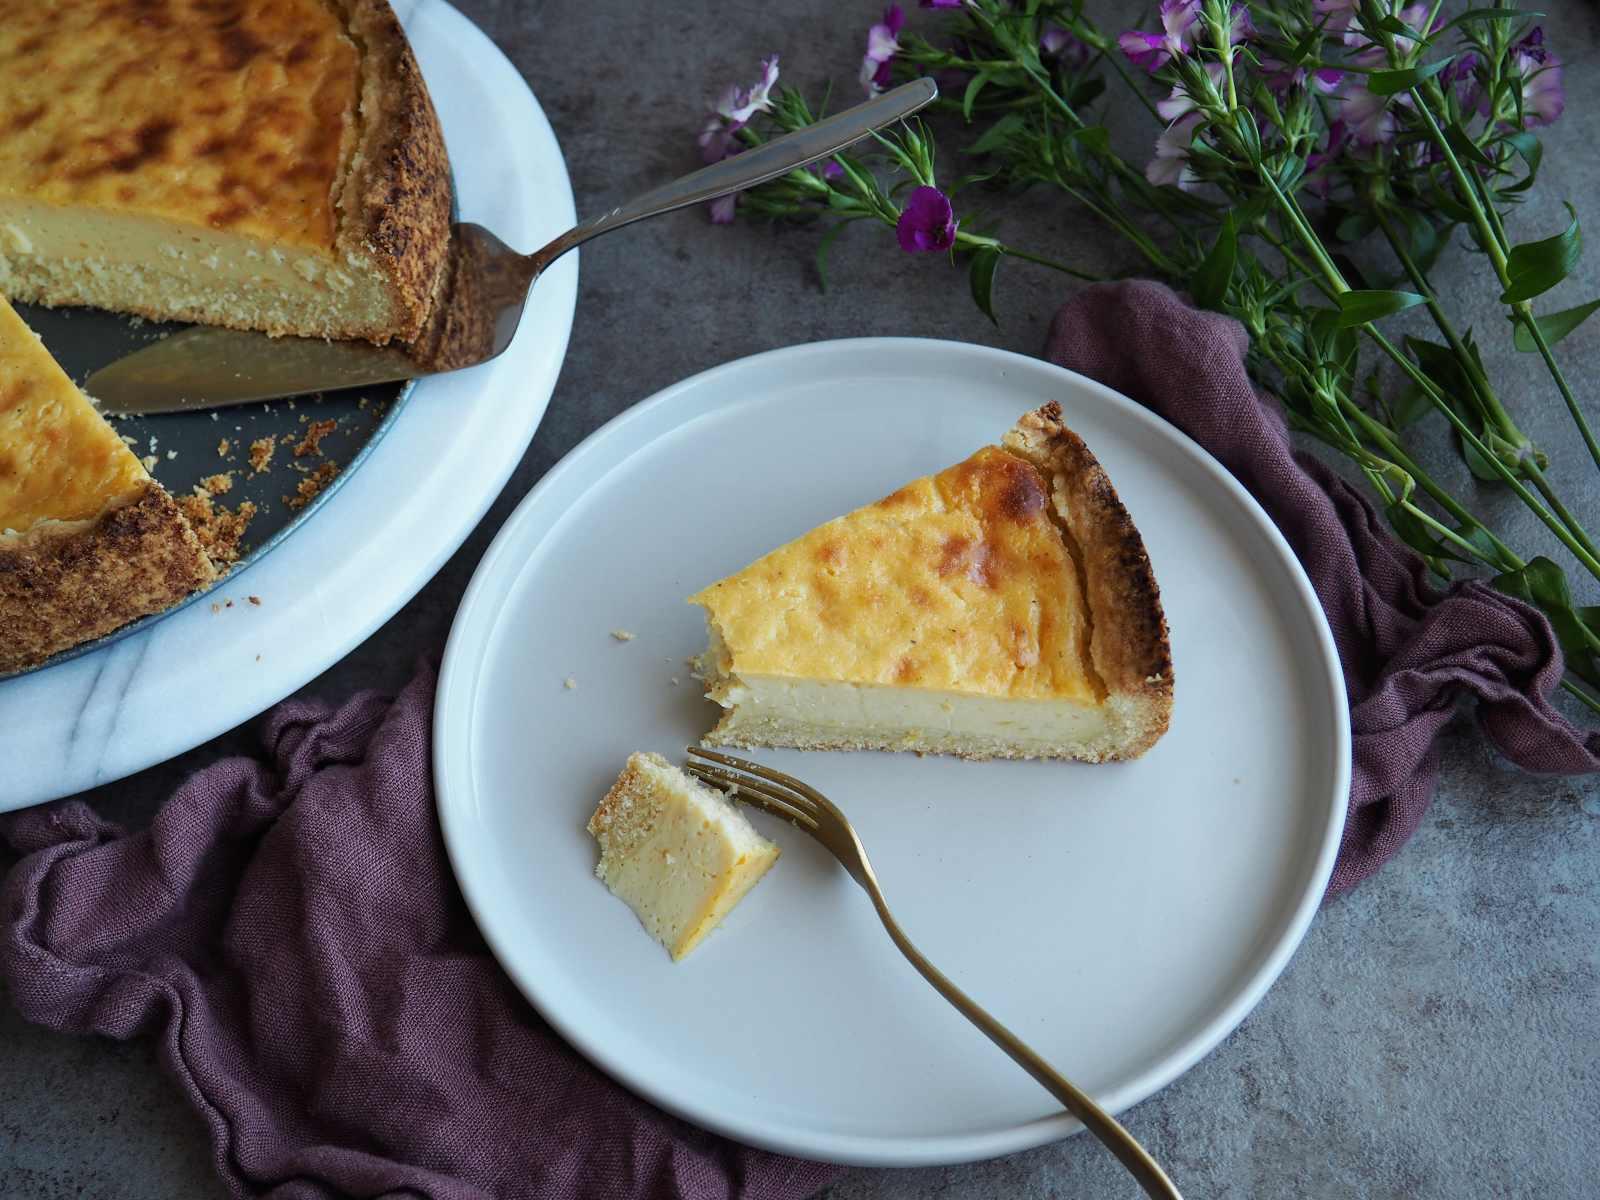 Einfacher veganer Käsekuchen Stück angerichtet auf Kuchenteller